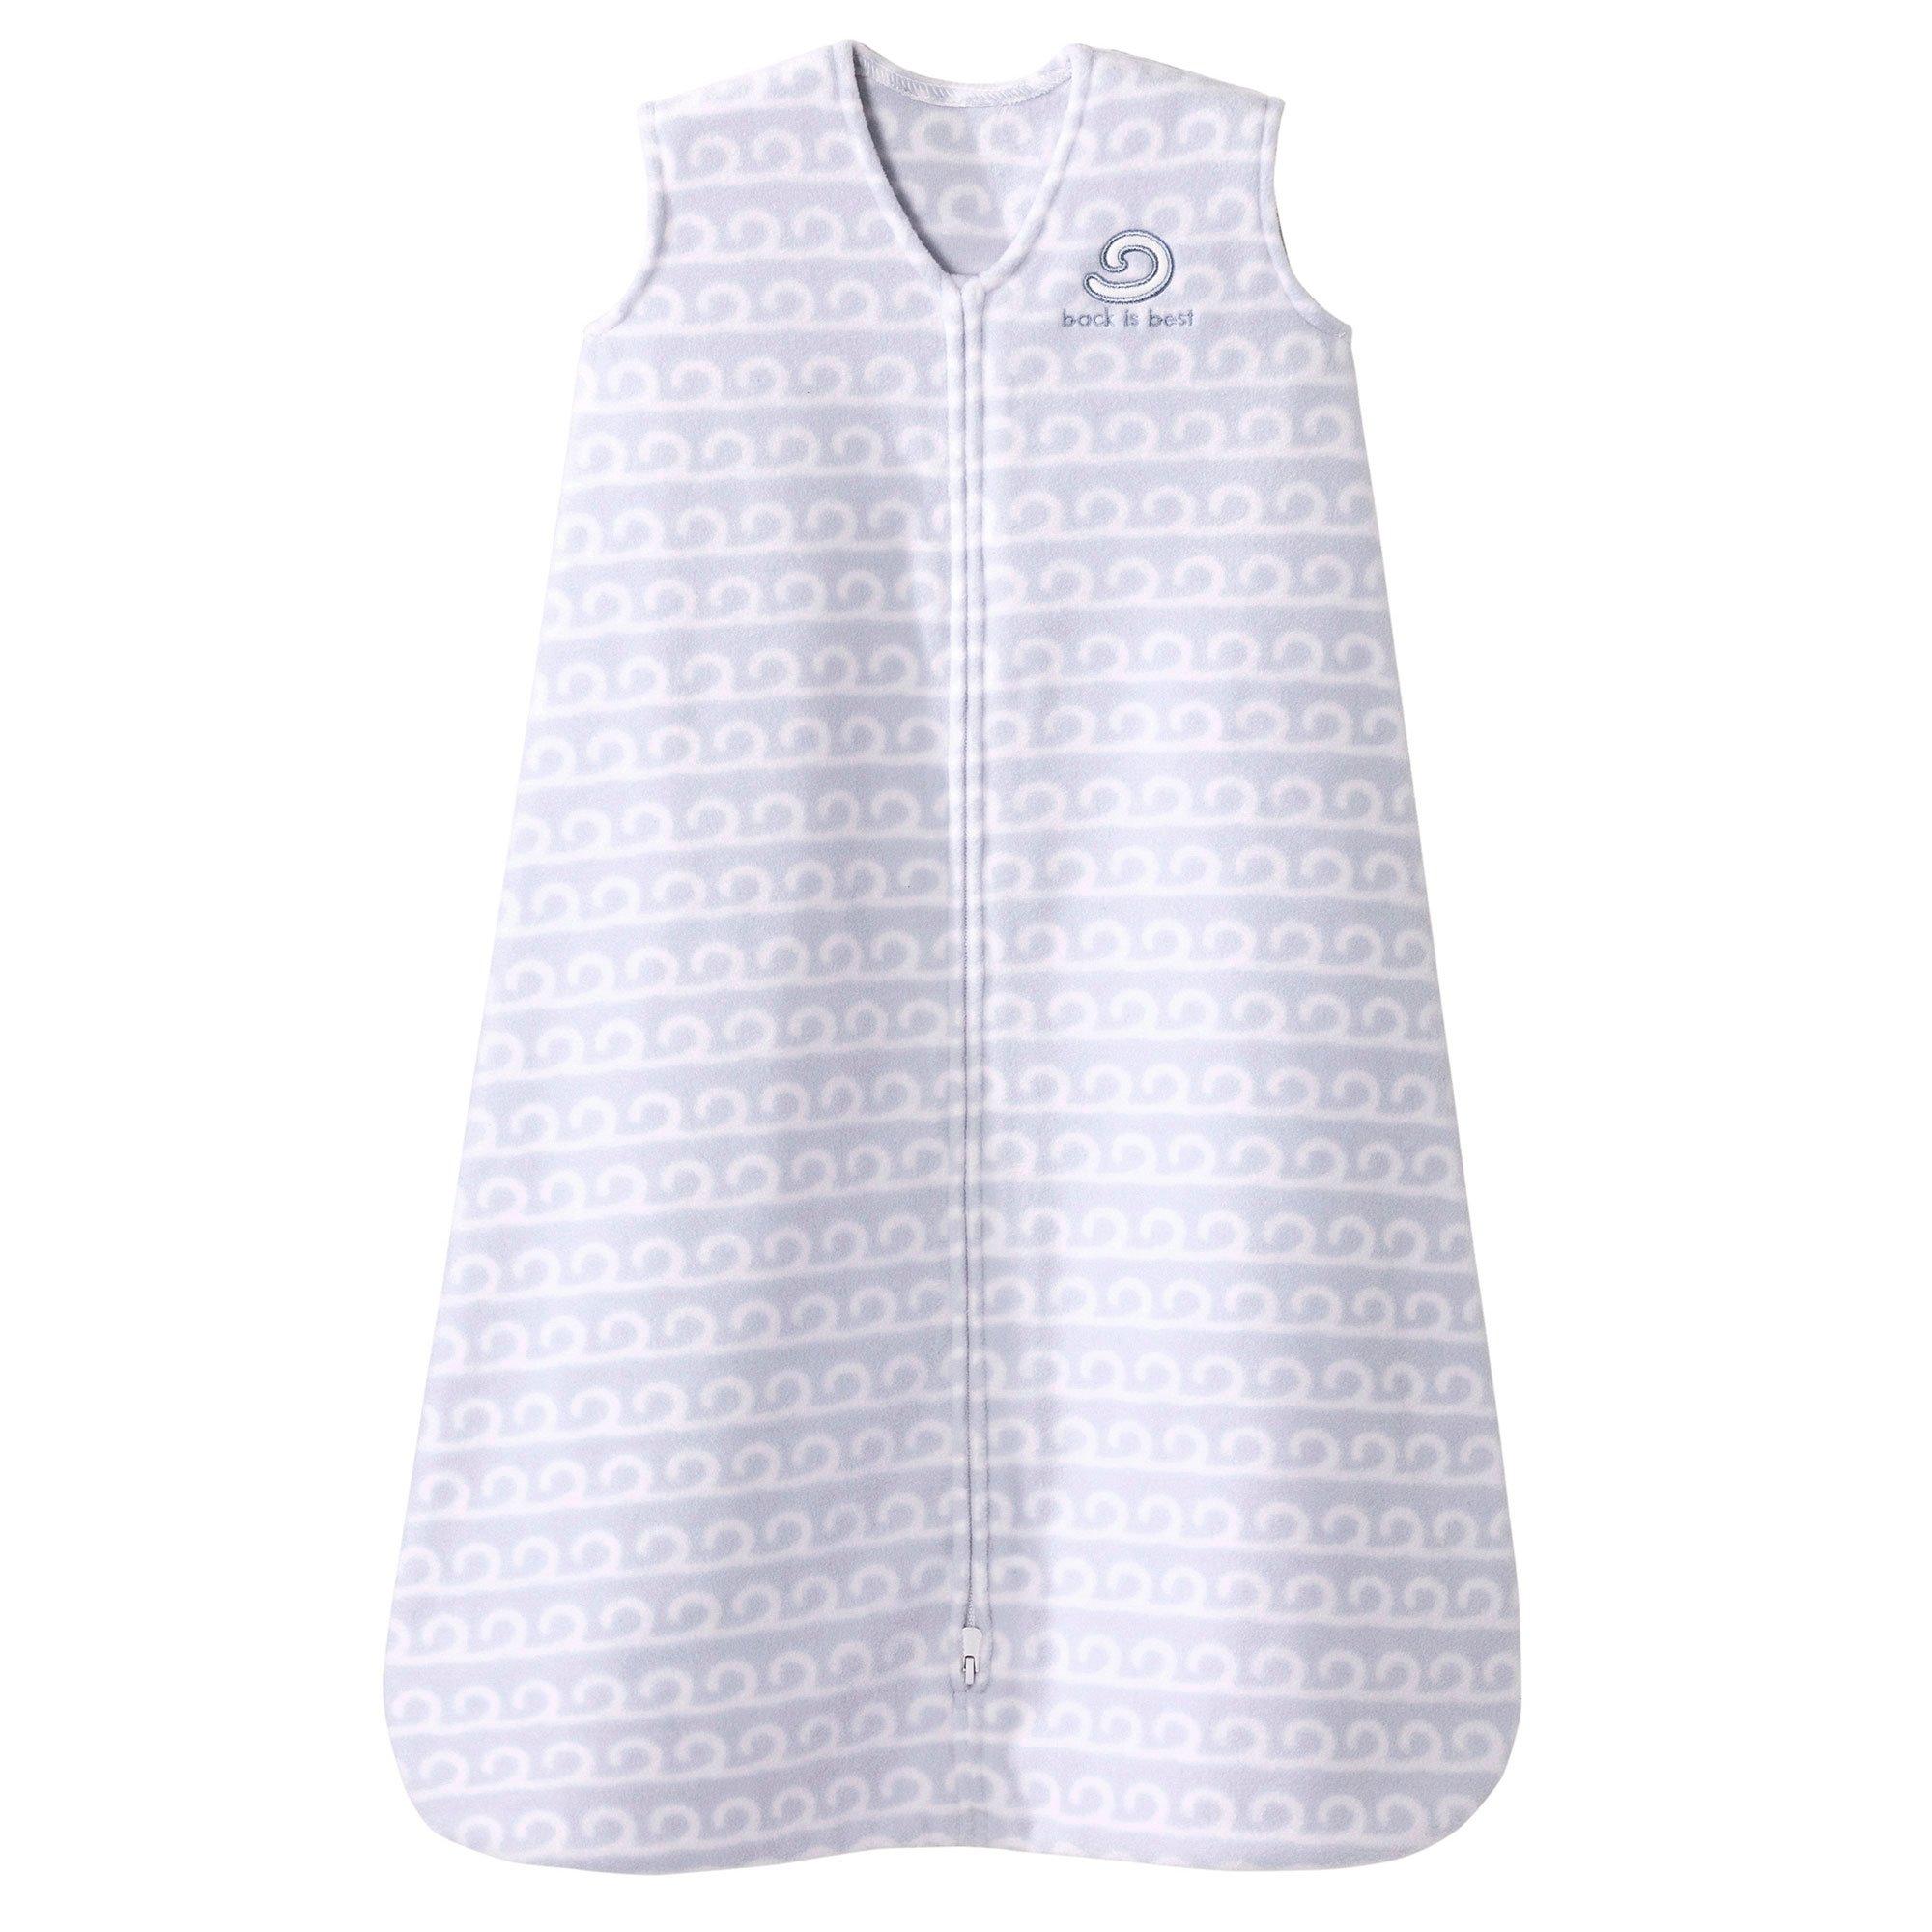 Halo SleepSack Micro-Fleece Wearable Blanket, Grey Wave, Small